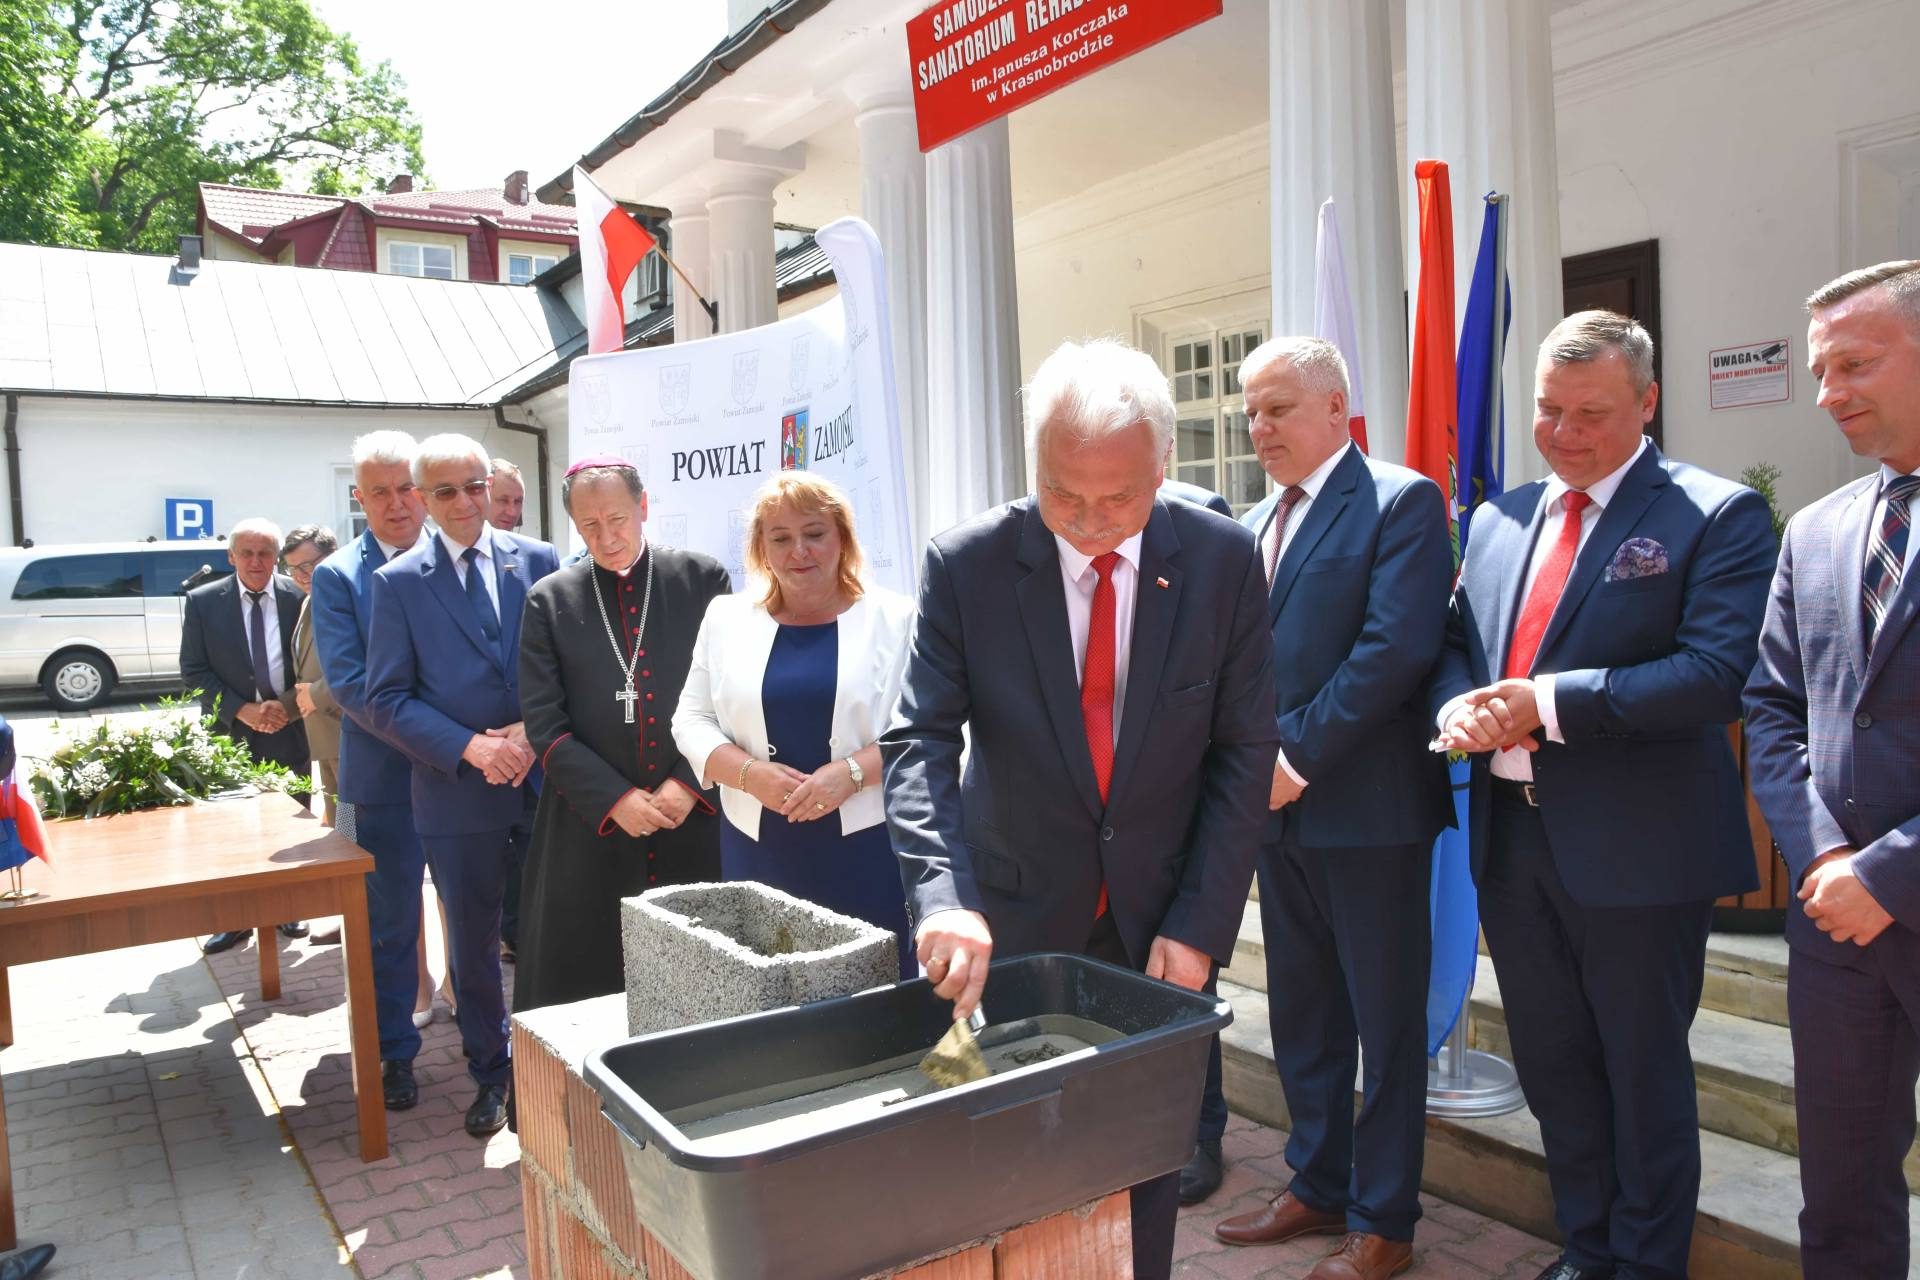 dsc 7595 Za 80 mln zł rozbudowane zostanie sanatorium w Krasnobrodzie.